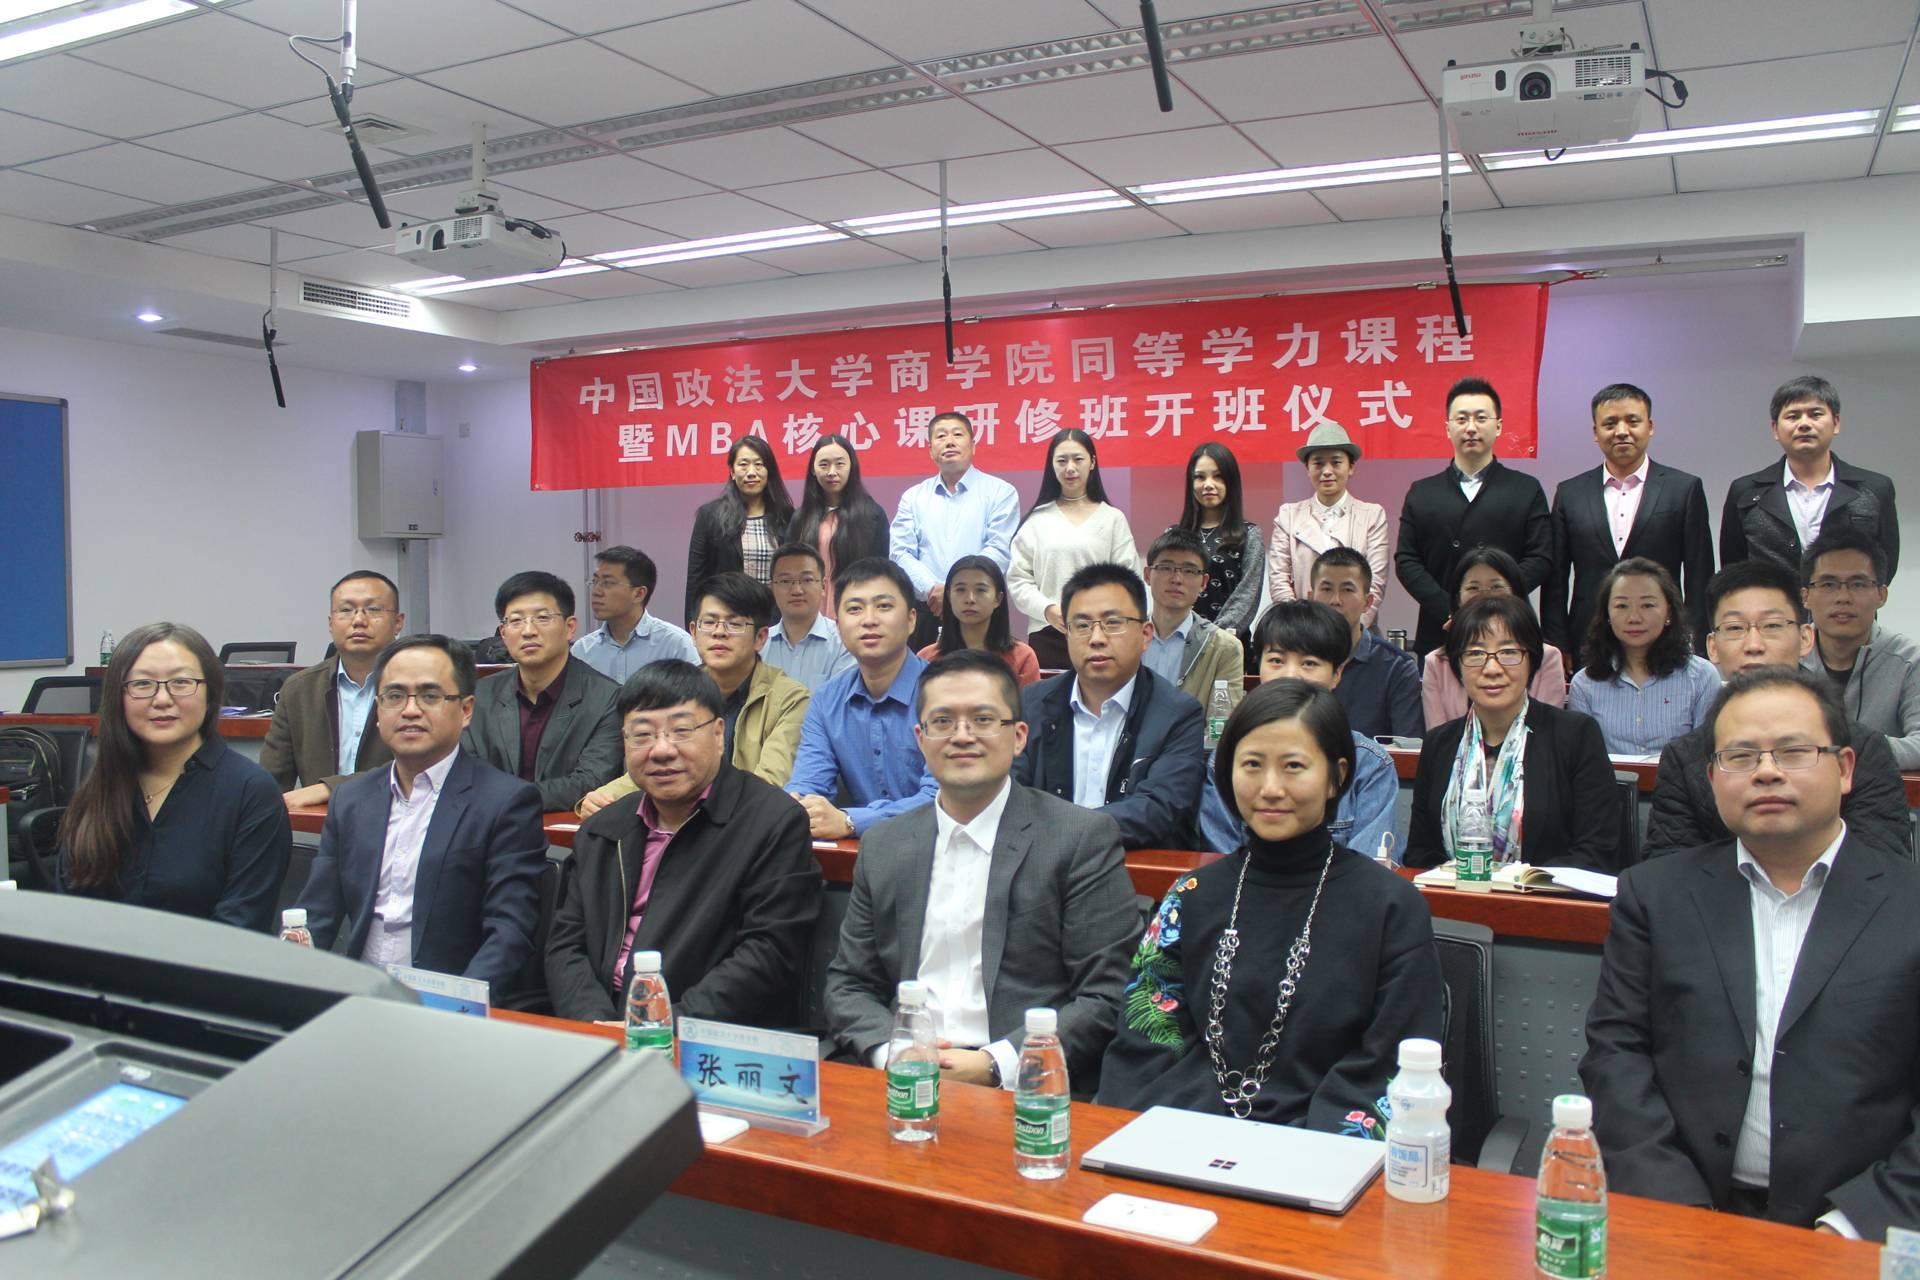 中國政法大學商學院同等學力課程暨MBA核心課程研修班開班儀式